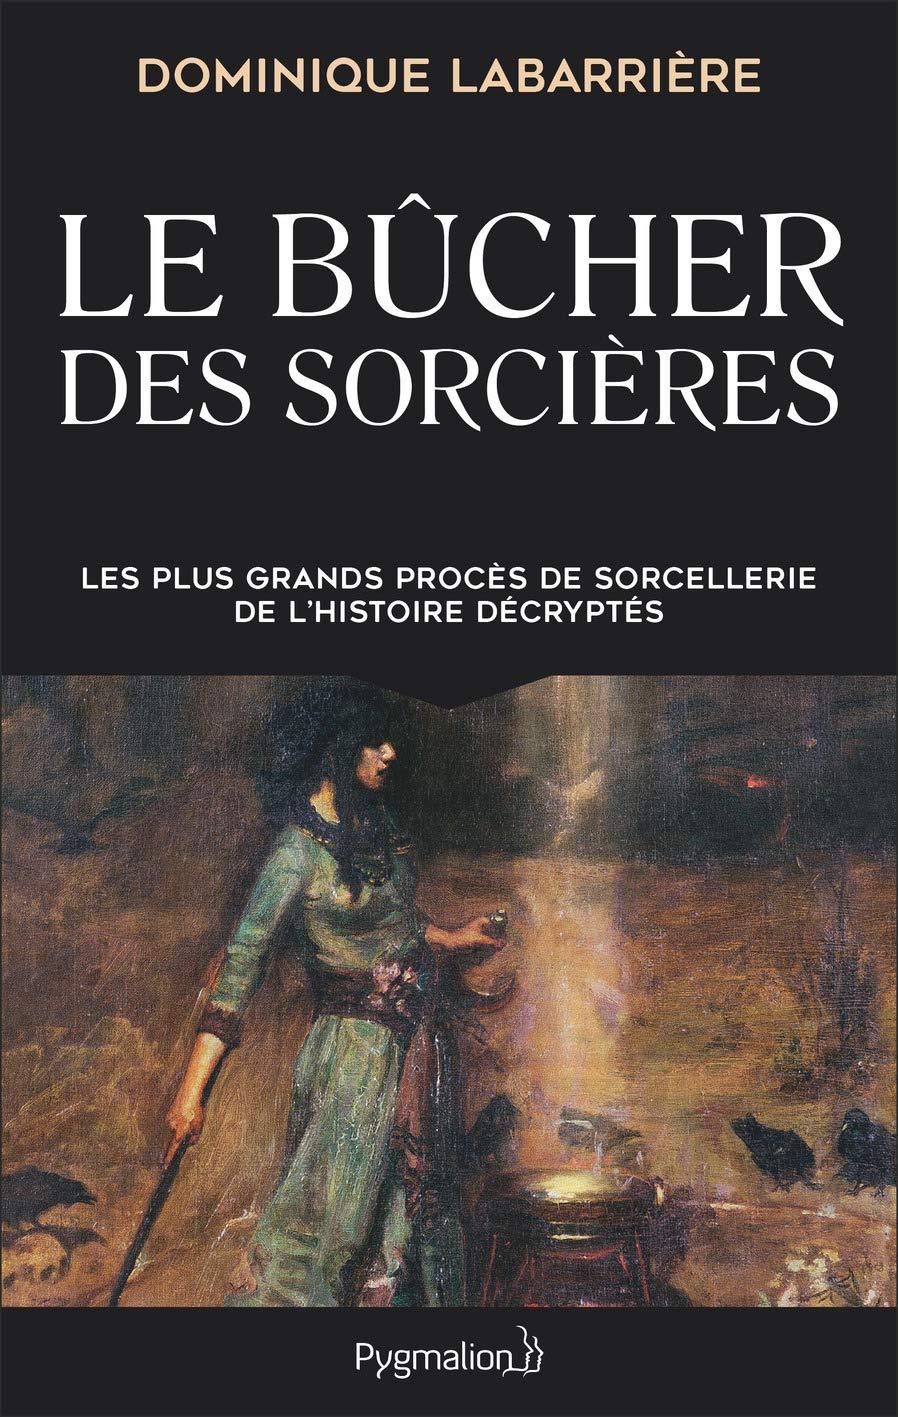 Amazon.fr - Le Bûcher des sorcières - Labarrière, Dominique - Livres